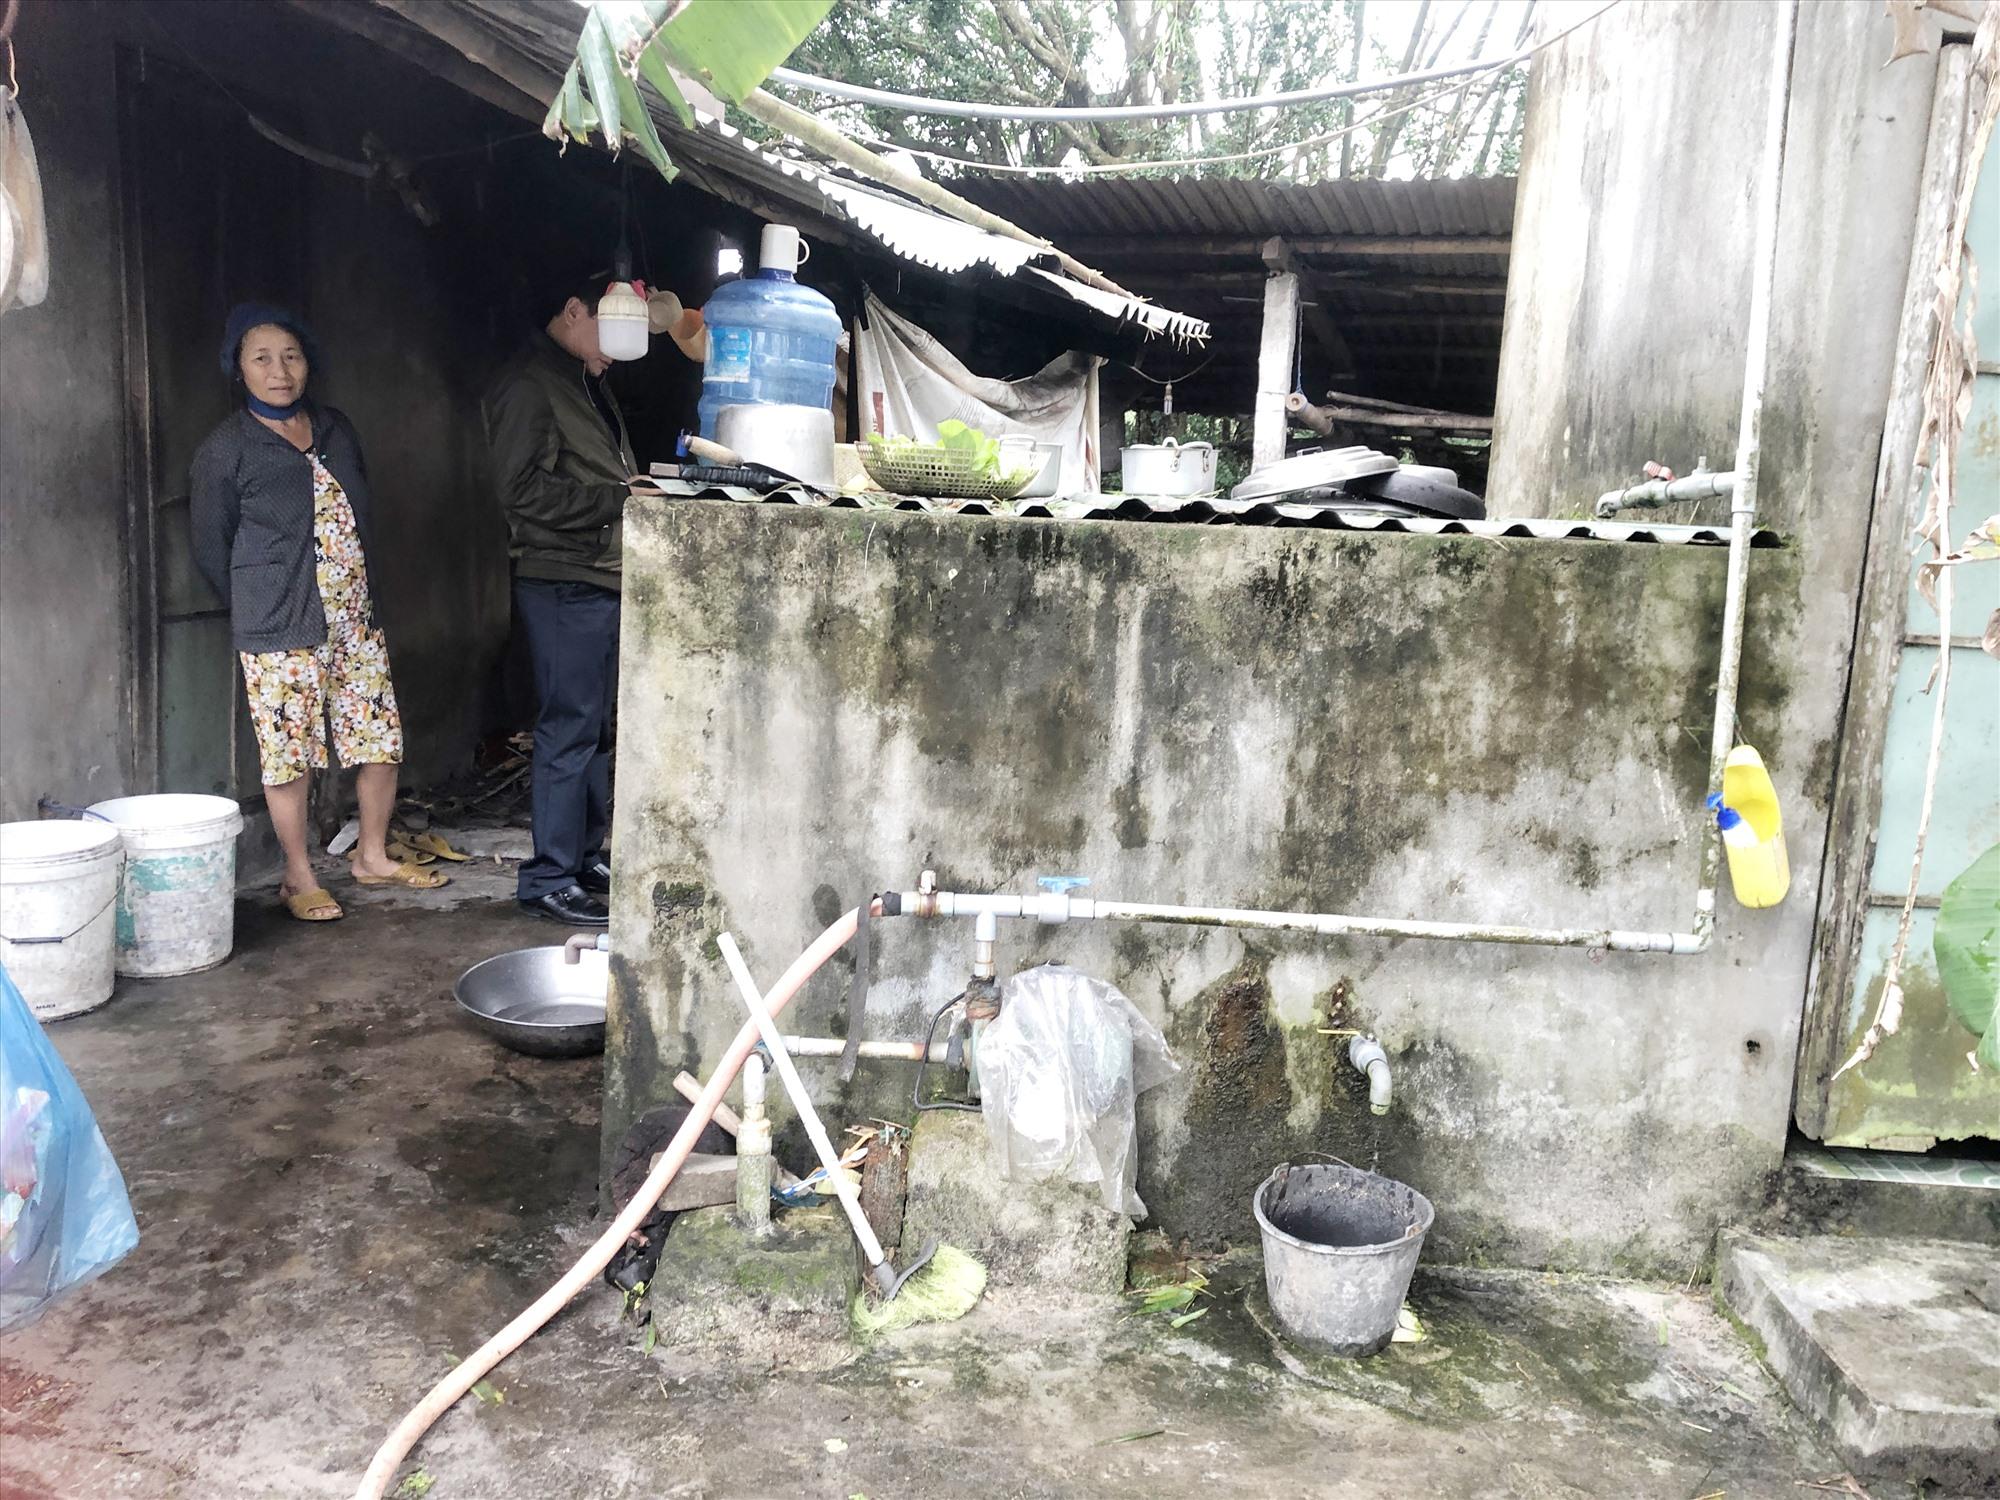 Người dân thôn Thái Nam (xã Tam Thăng) hiện vẫn chưa có nước sạch để sử dụng, trong khi nguồn nước tại đây bị nhiễm phèn. Ảnh: X.H